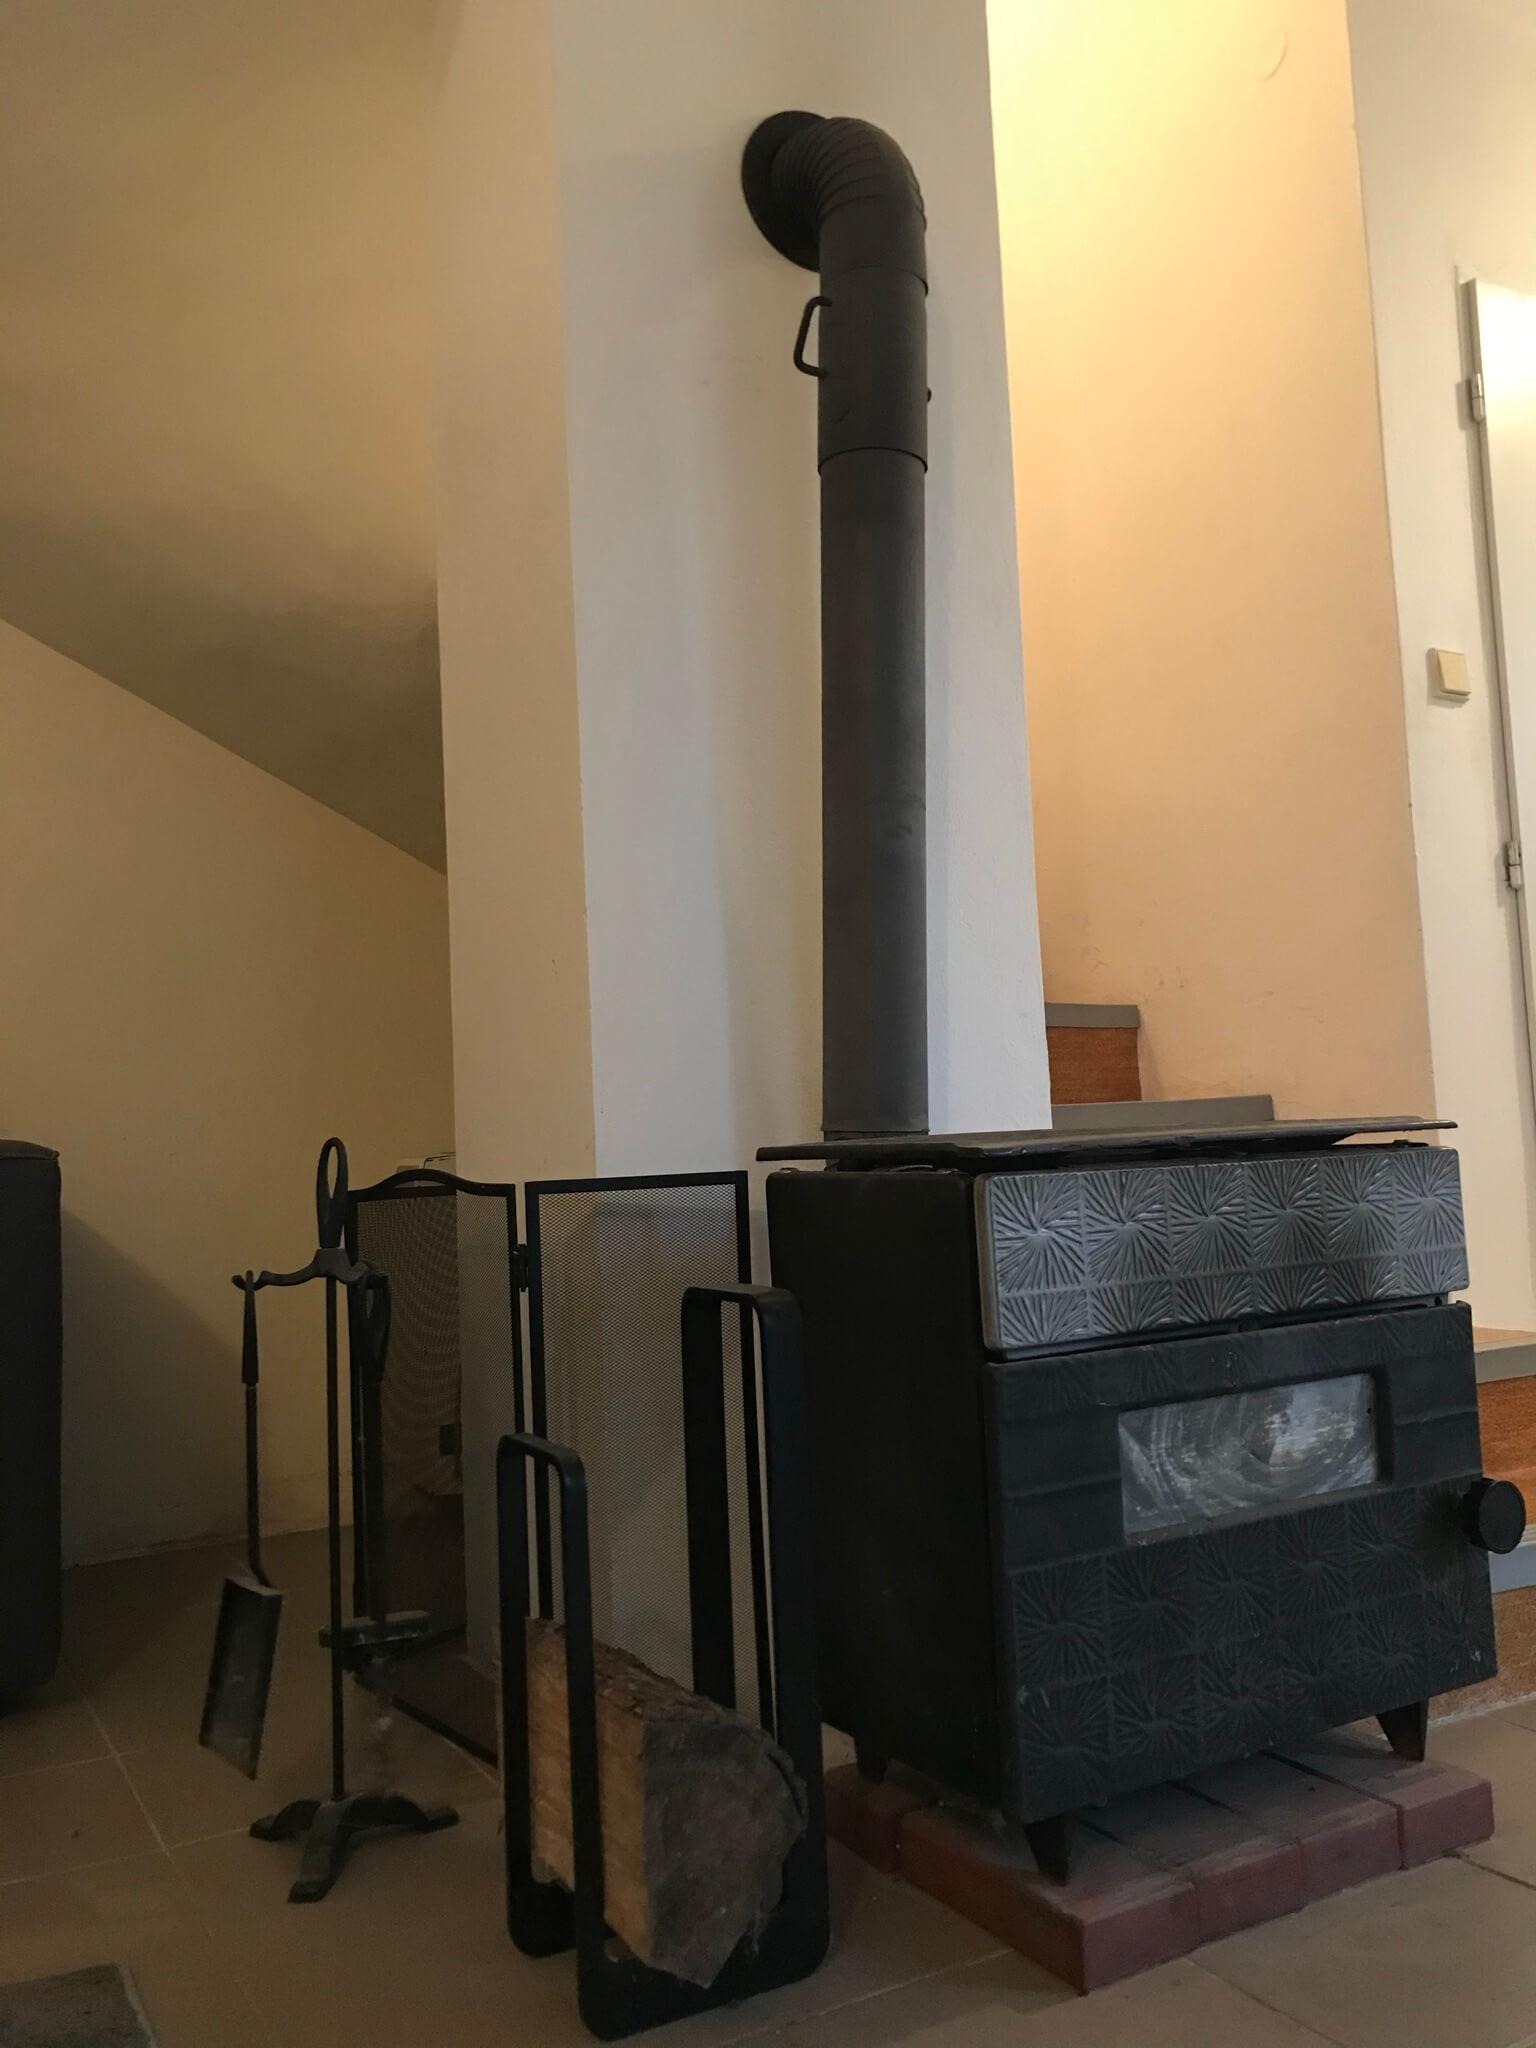 Predané: Exkluzívne 3 izbová chata o výmere 70m2 s 300m2 pozemkom, 2 podložná, v Gabčíkove pri hrádzi, kompe-22